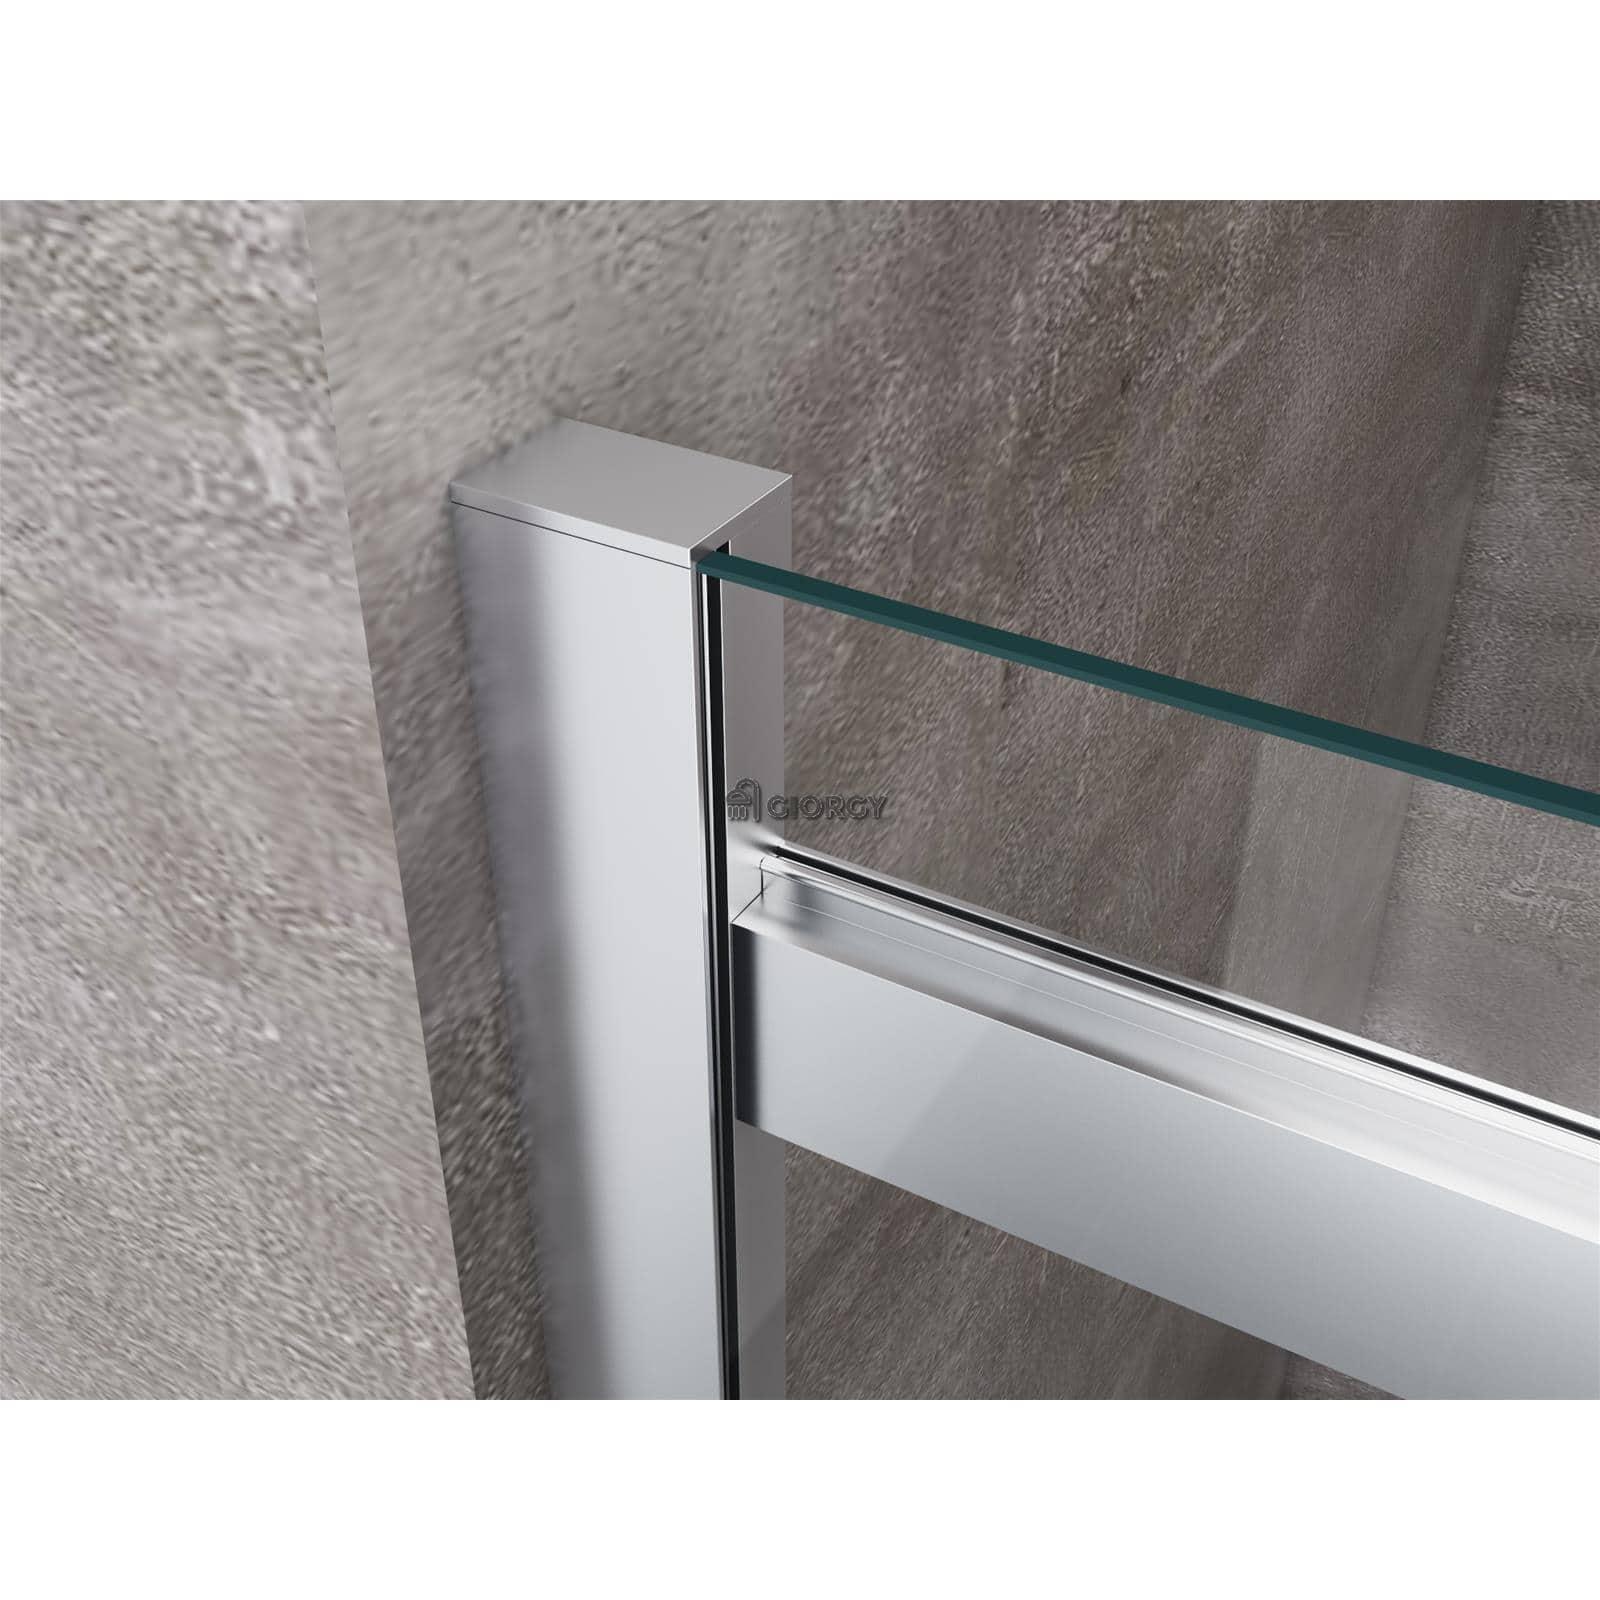 Box Doccia Cristallo Antigoccia : Porta doccia anta scorrevole nicchia cristallo mm